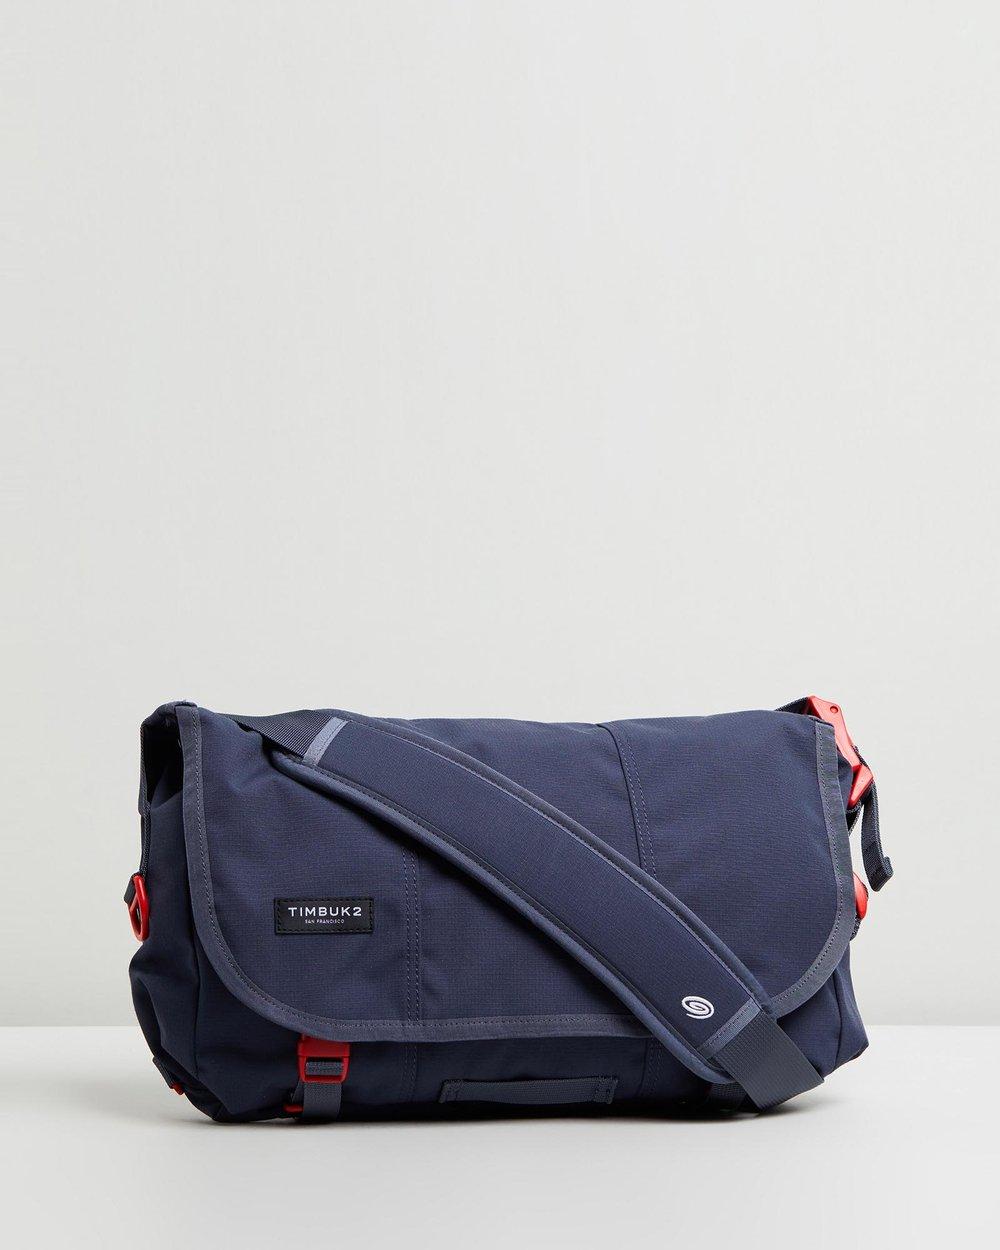 Timbuk2 Lightweight Flight Messenger Bag